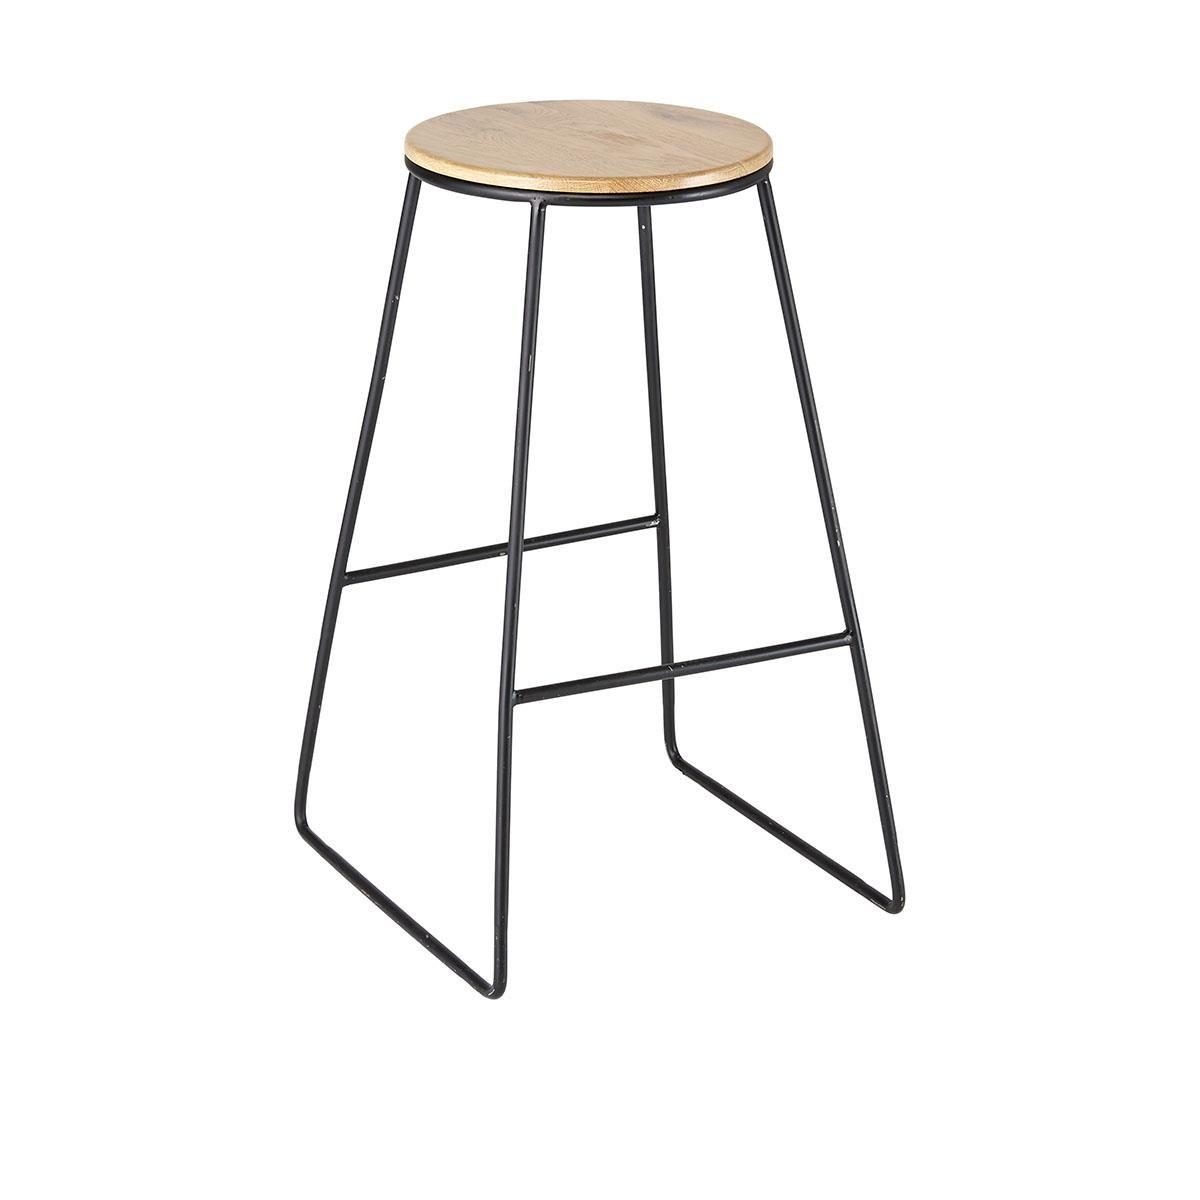 Industrial Stool Homemaker  Industrial stool, Industrial bar